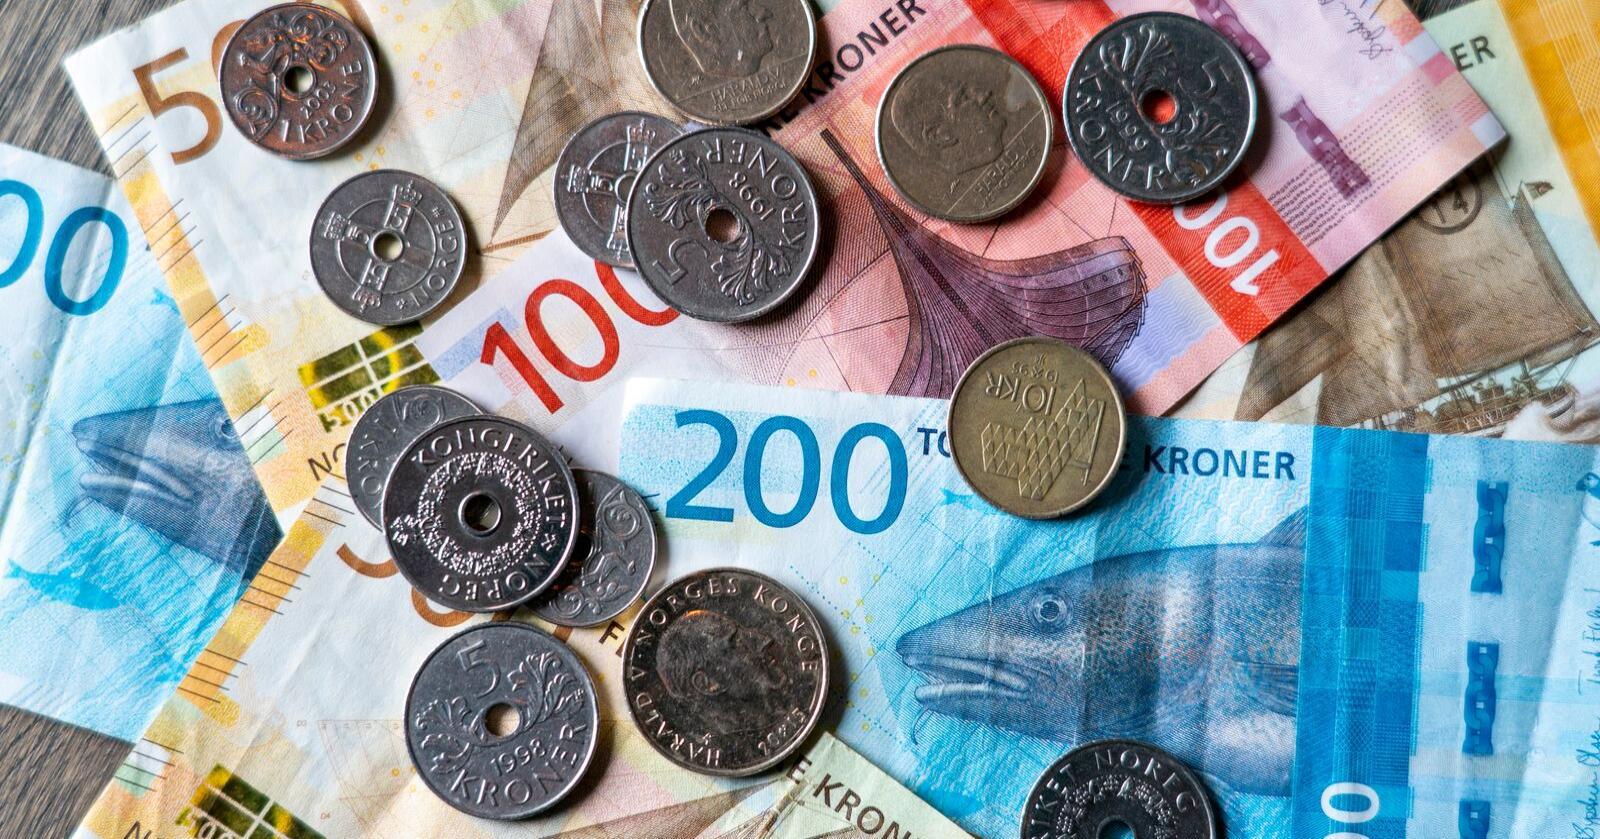 Totalt 10,3 millarder kroner ble delt ut – 100.000 kroner mer enn i fjor. Illustrasjonsfoto: Gorm Kallestad / NTB / NPK